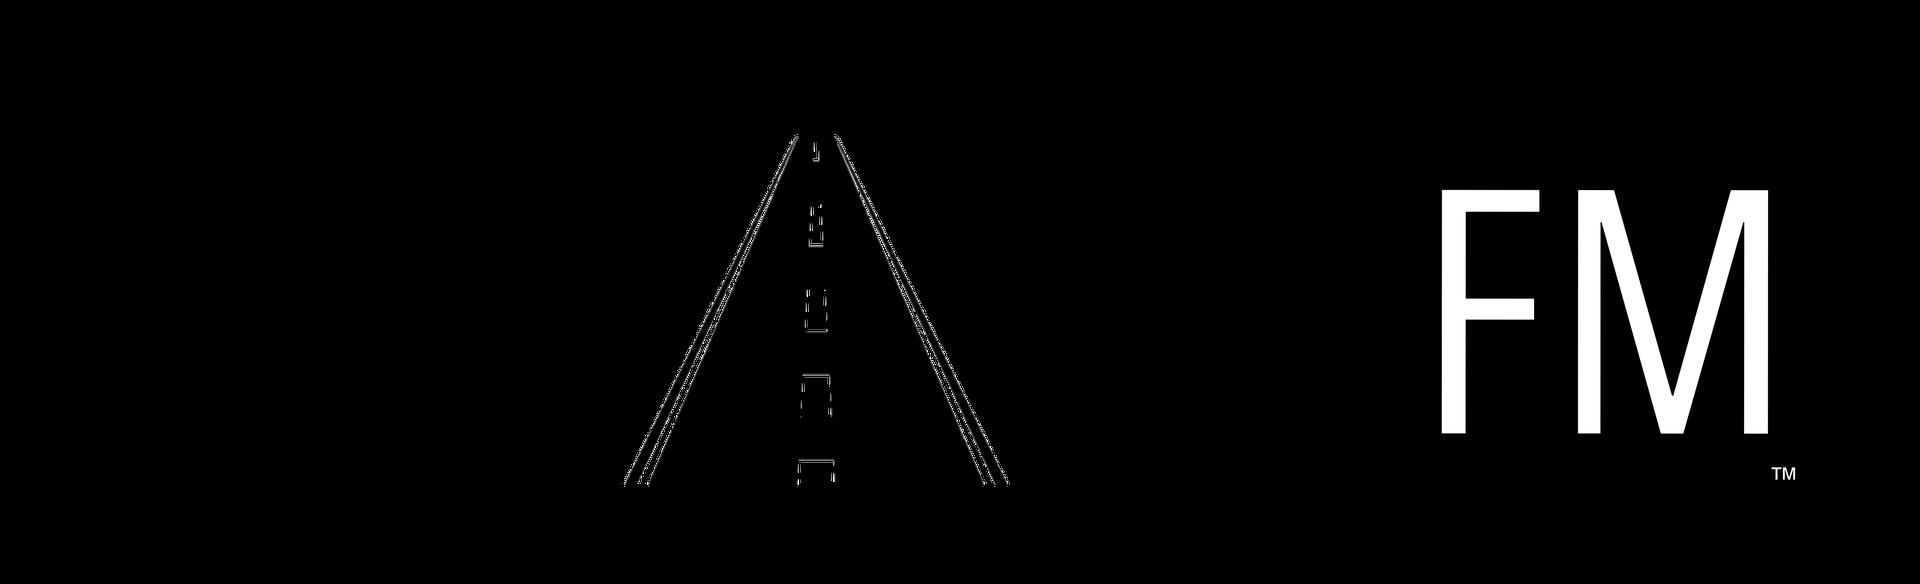 RoadFM logo